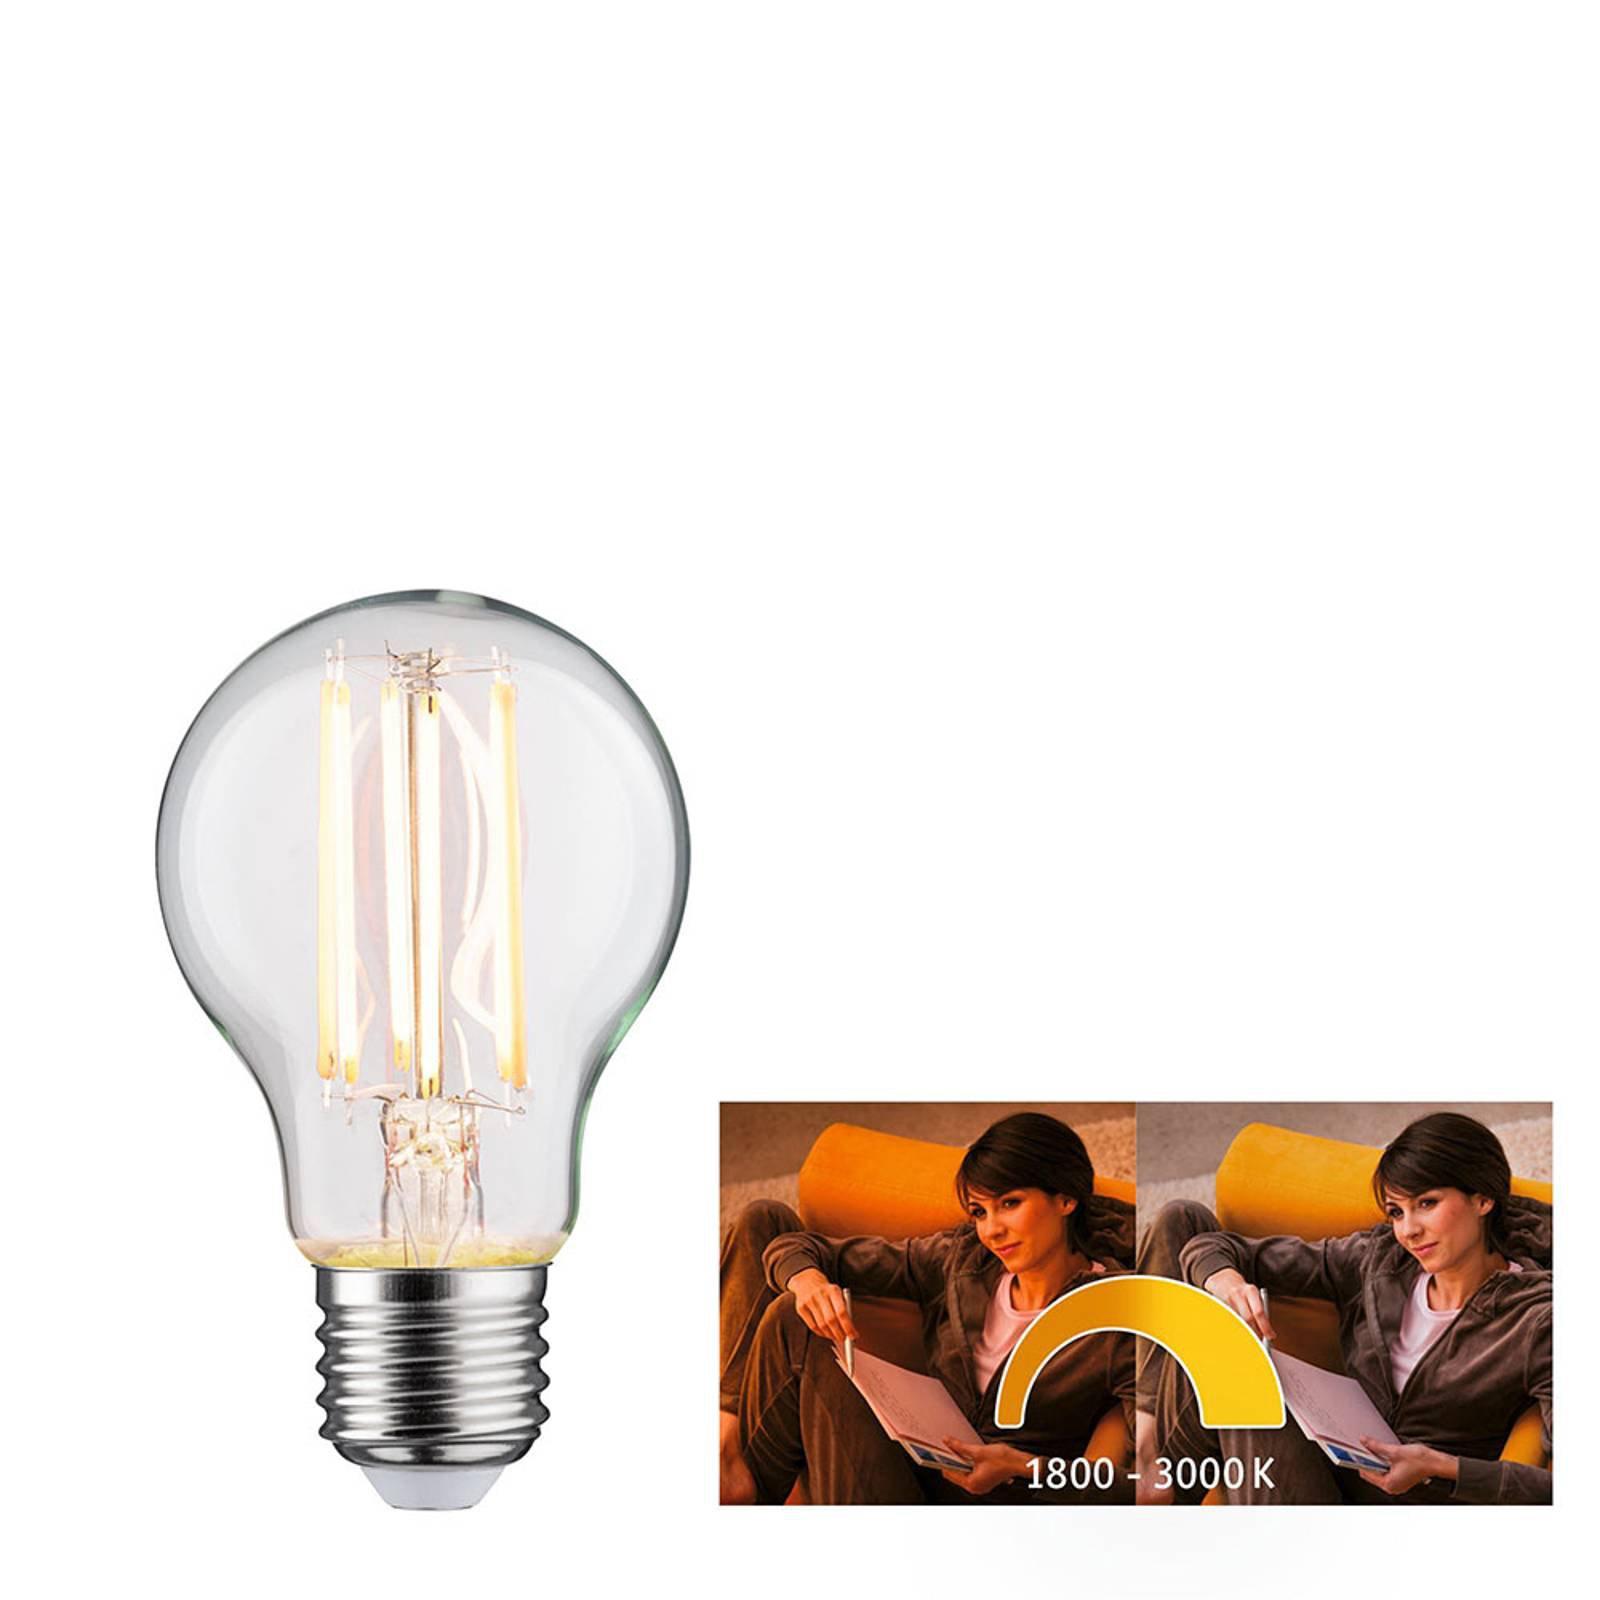 Paulmann LED-pære E27 7 W dim-to-warm